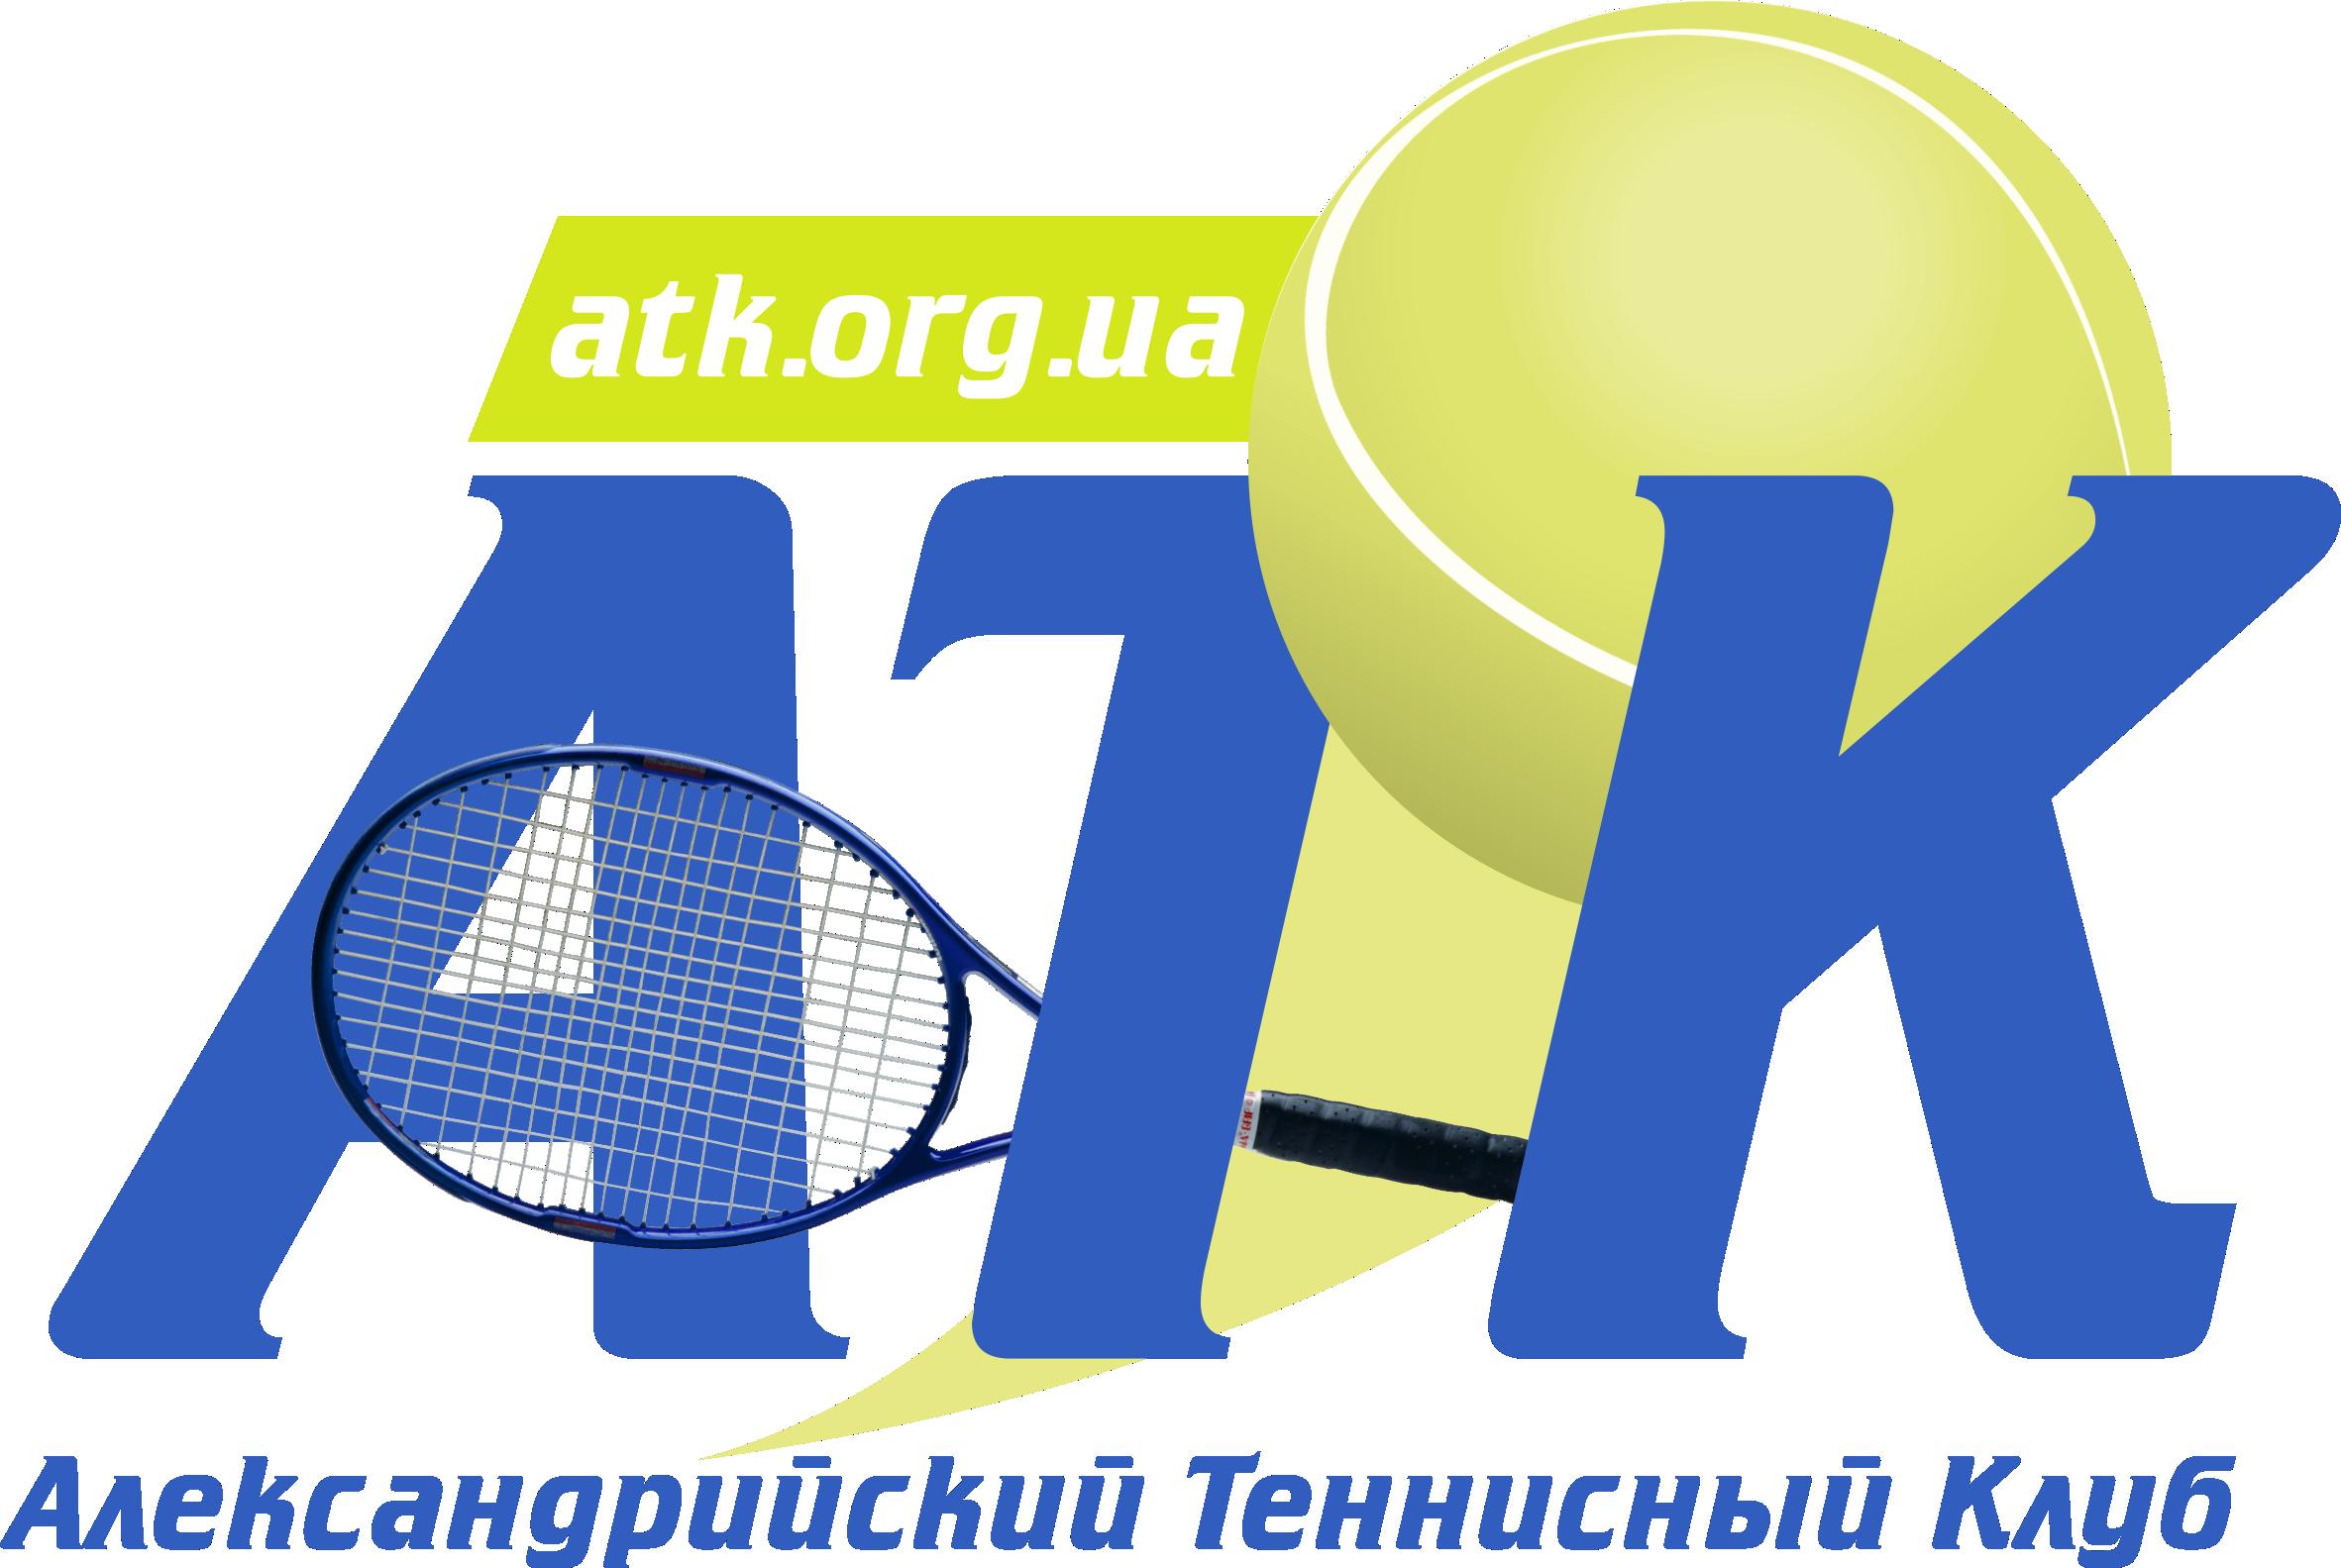 логотипы клуба АТК